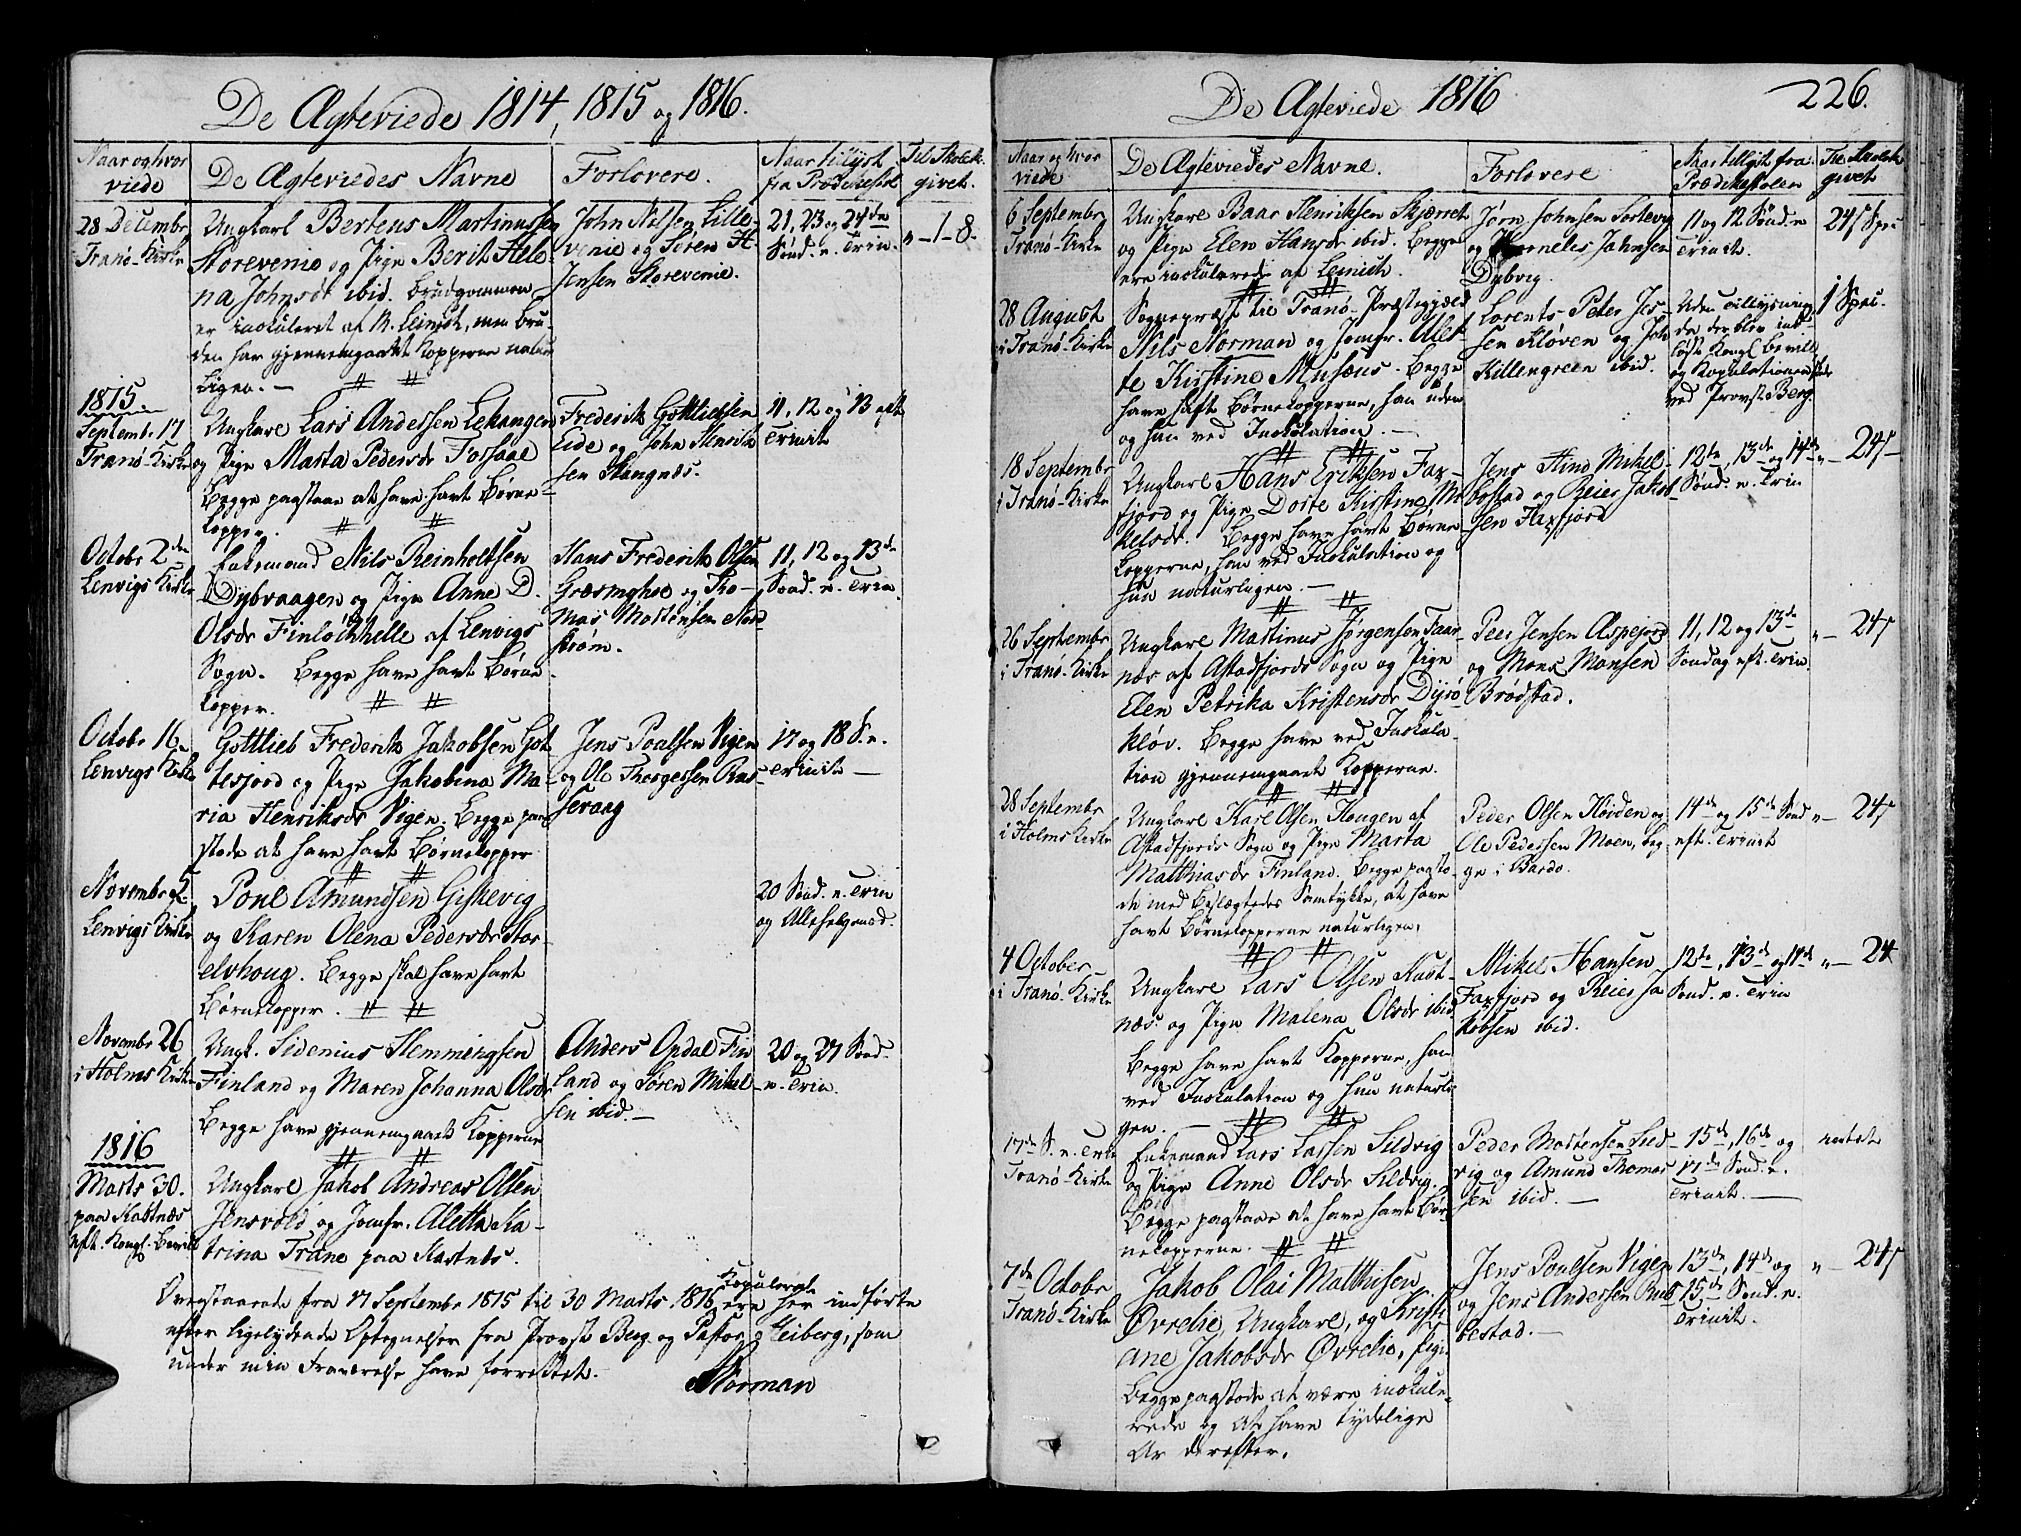 SATØ, Tranøy sokneprestkontor, I/Ia/Iaa/L0003kirke: Parish register (official) no. 3, 1807-1820, p. 226